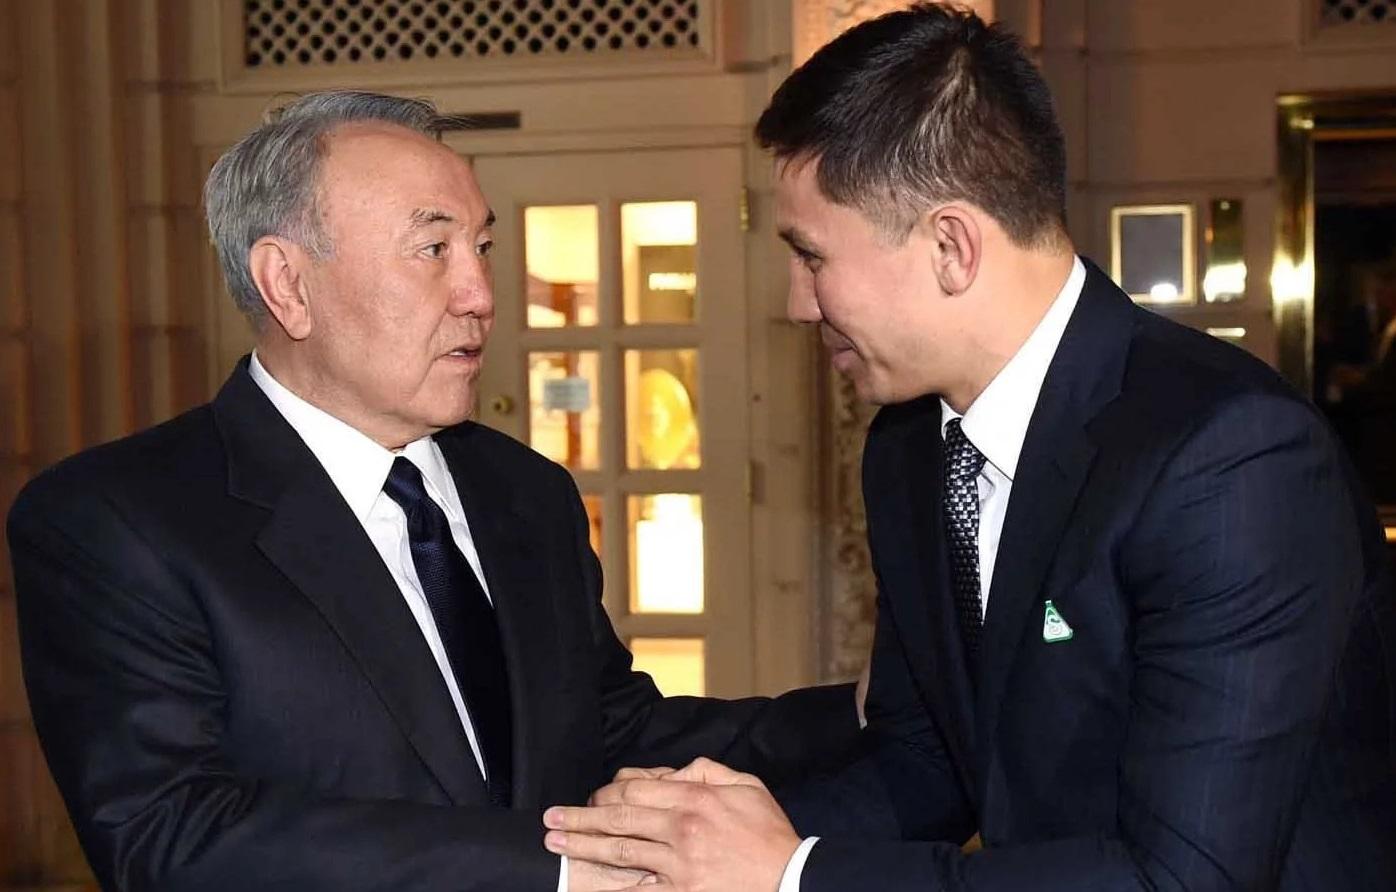 Мемлекет басшысы Нұрсұлтан Назарбаев Головкинді жеңісімен құттықтады